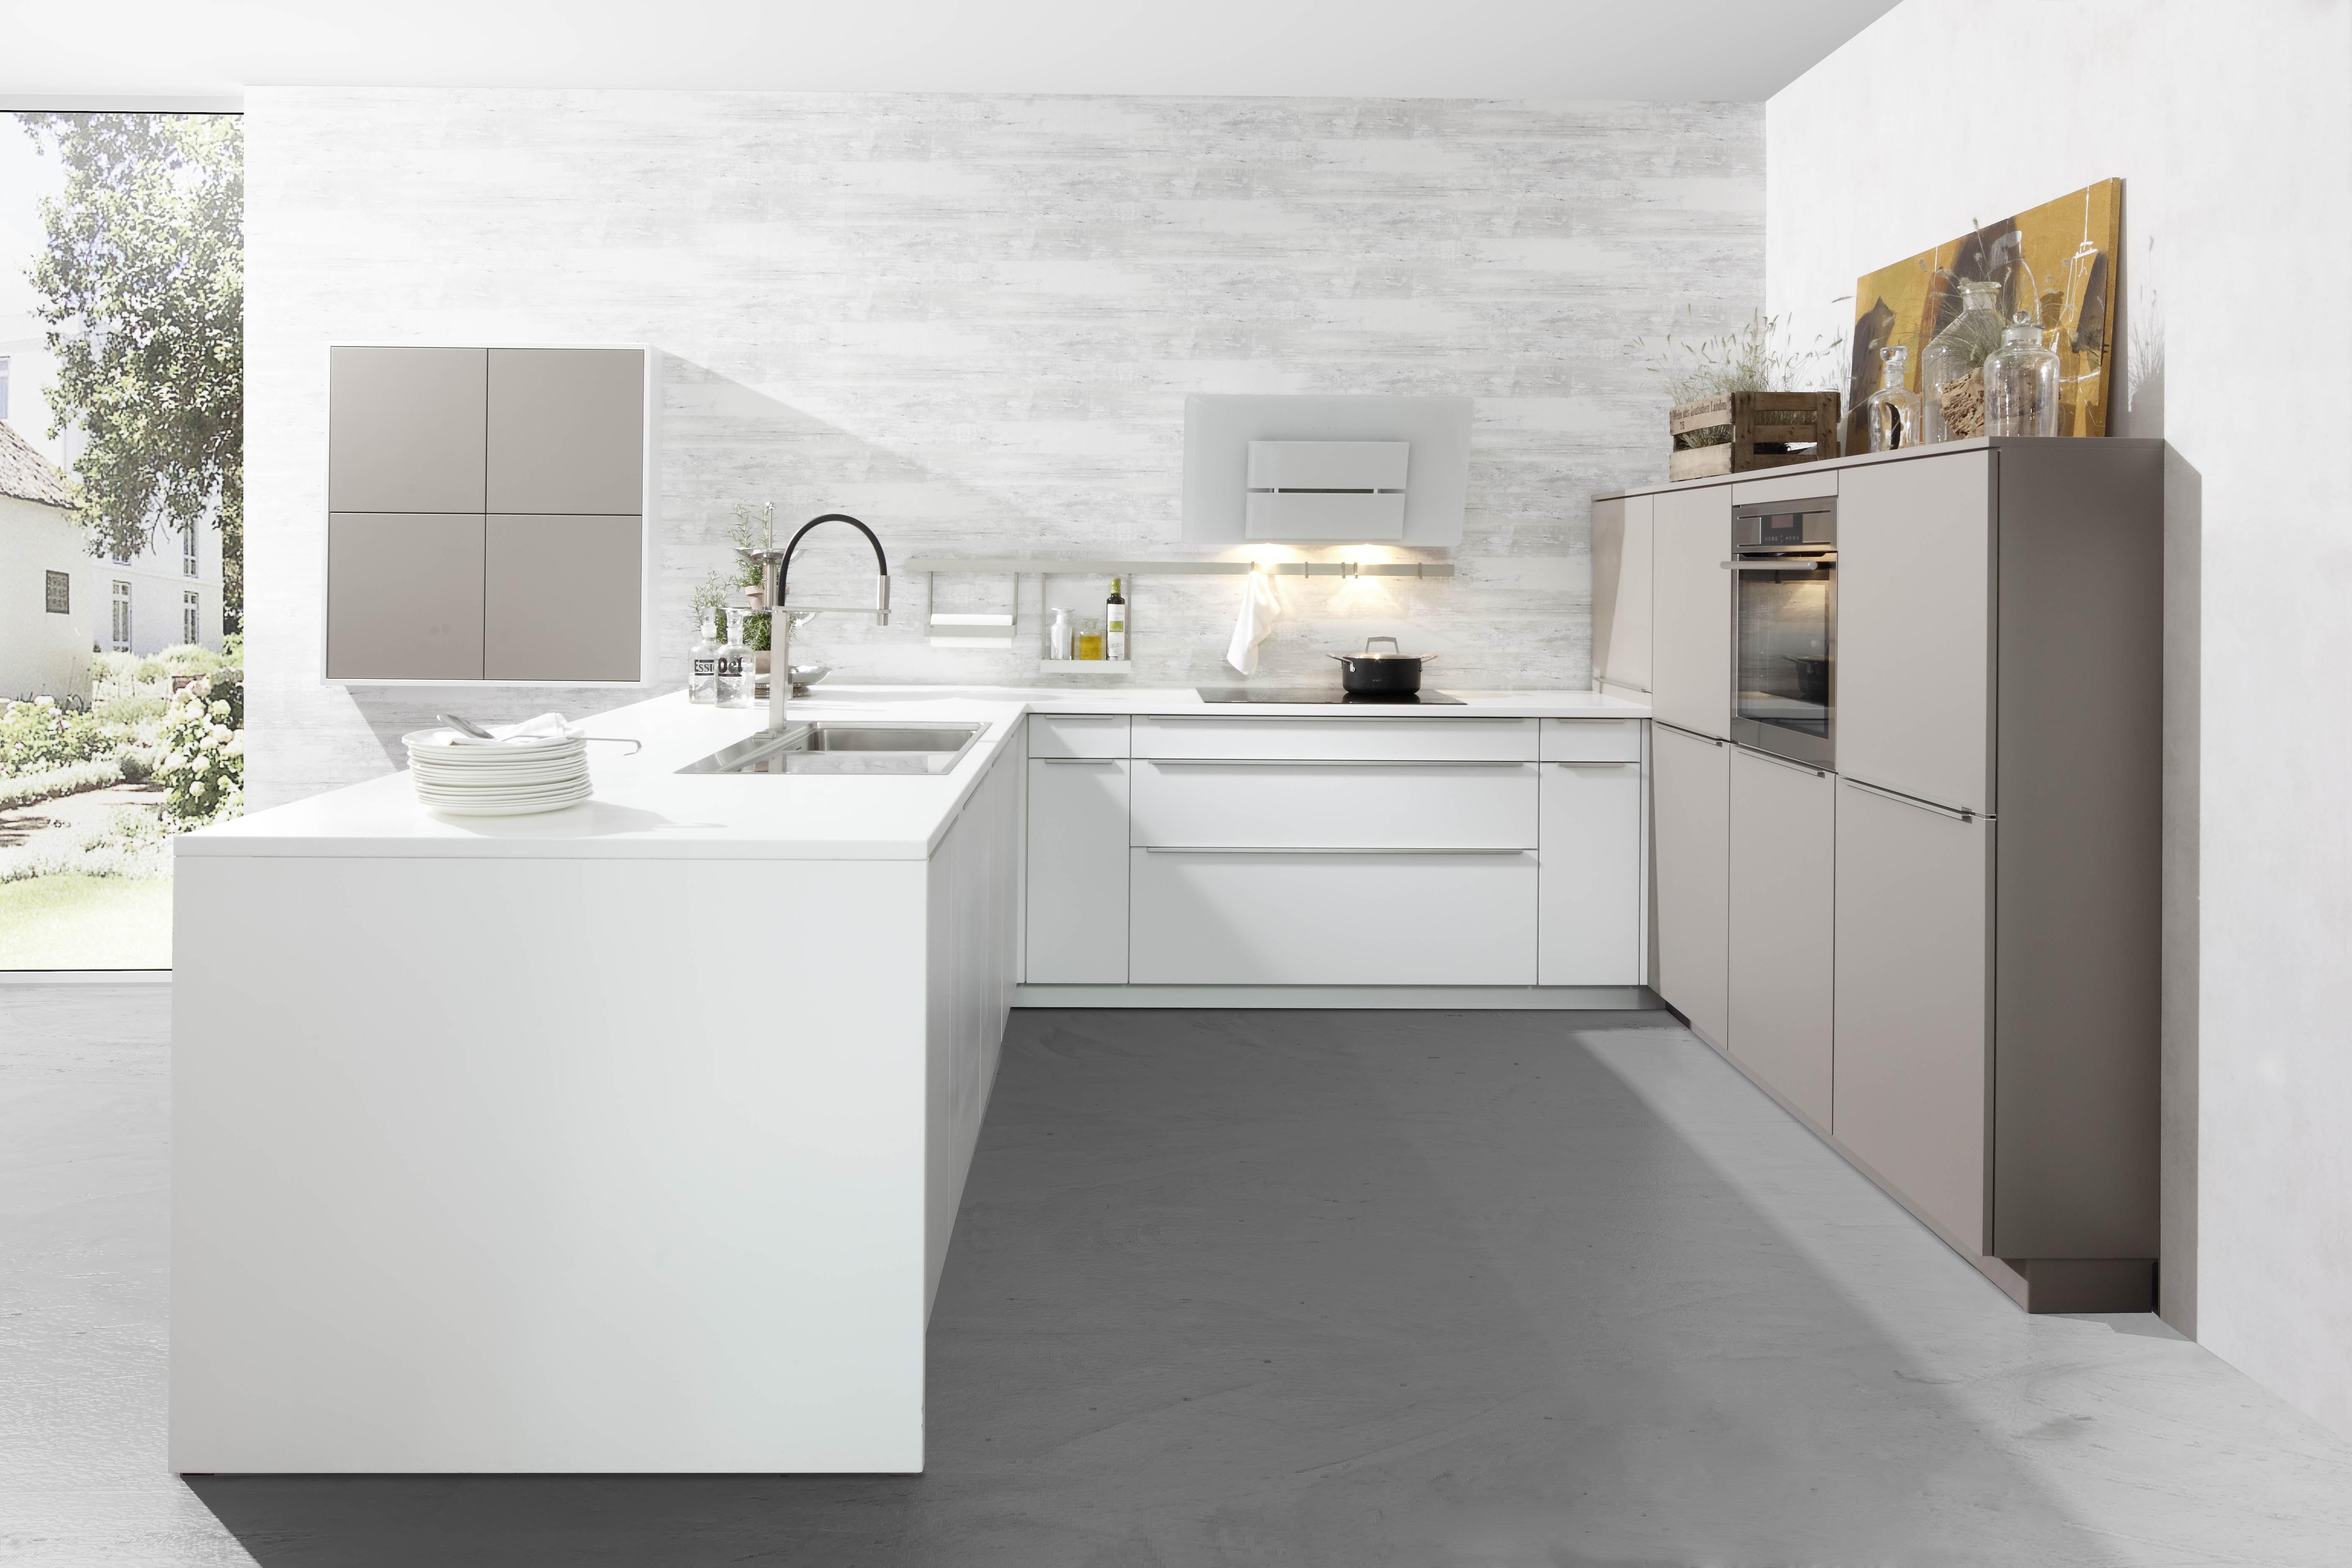 Das ideale Maß finden - AMK - Arbeitsgemeinschaft Die Moderne Küche e.V.